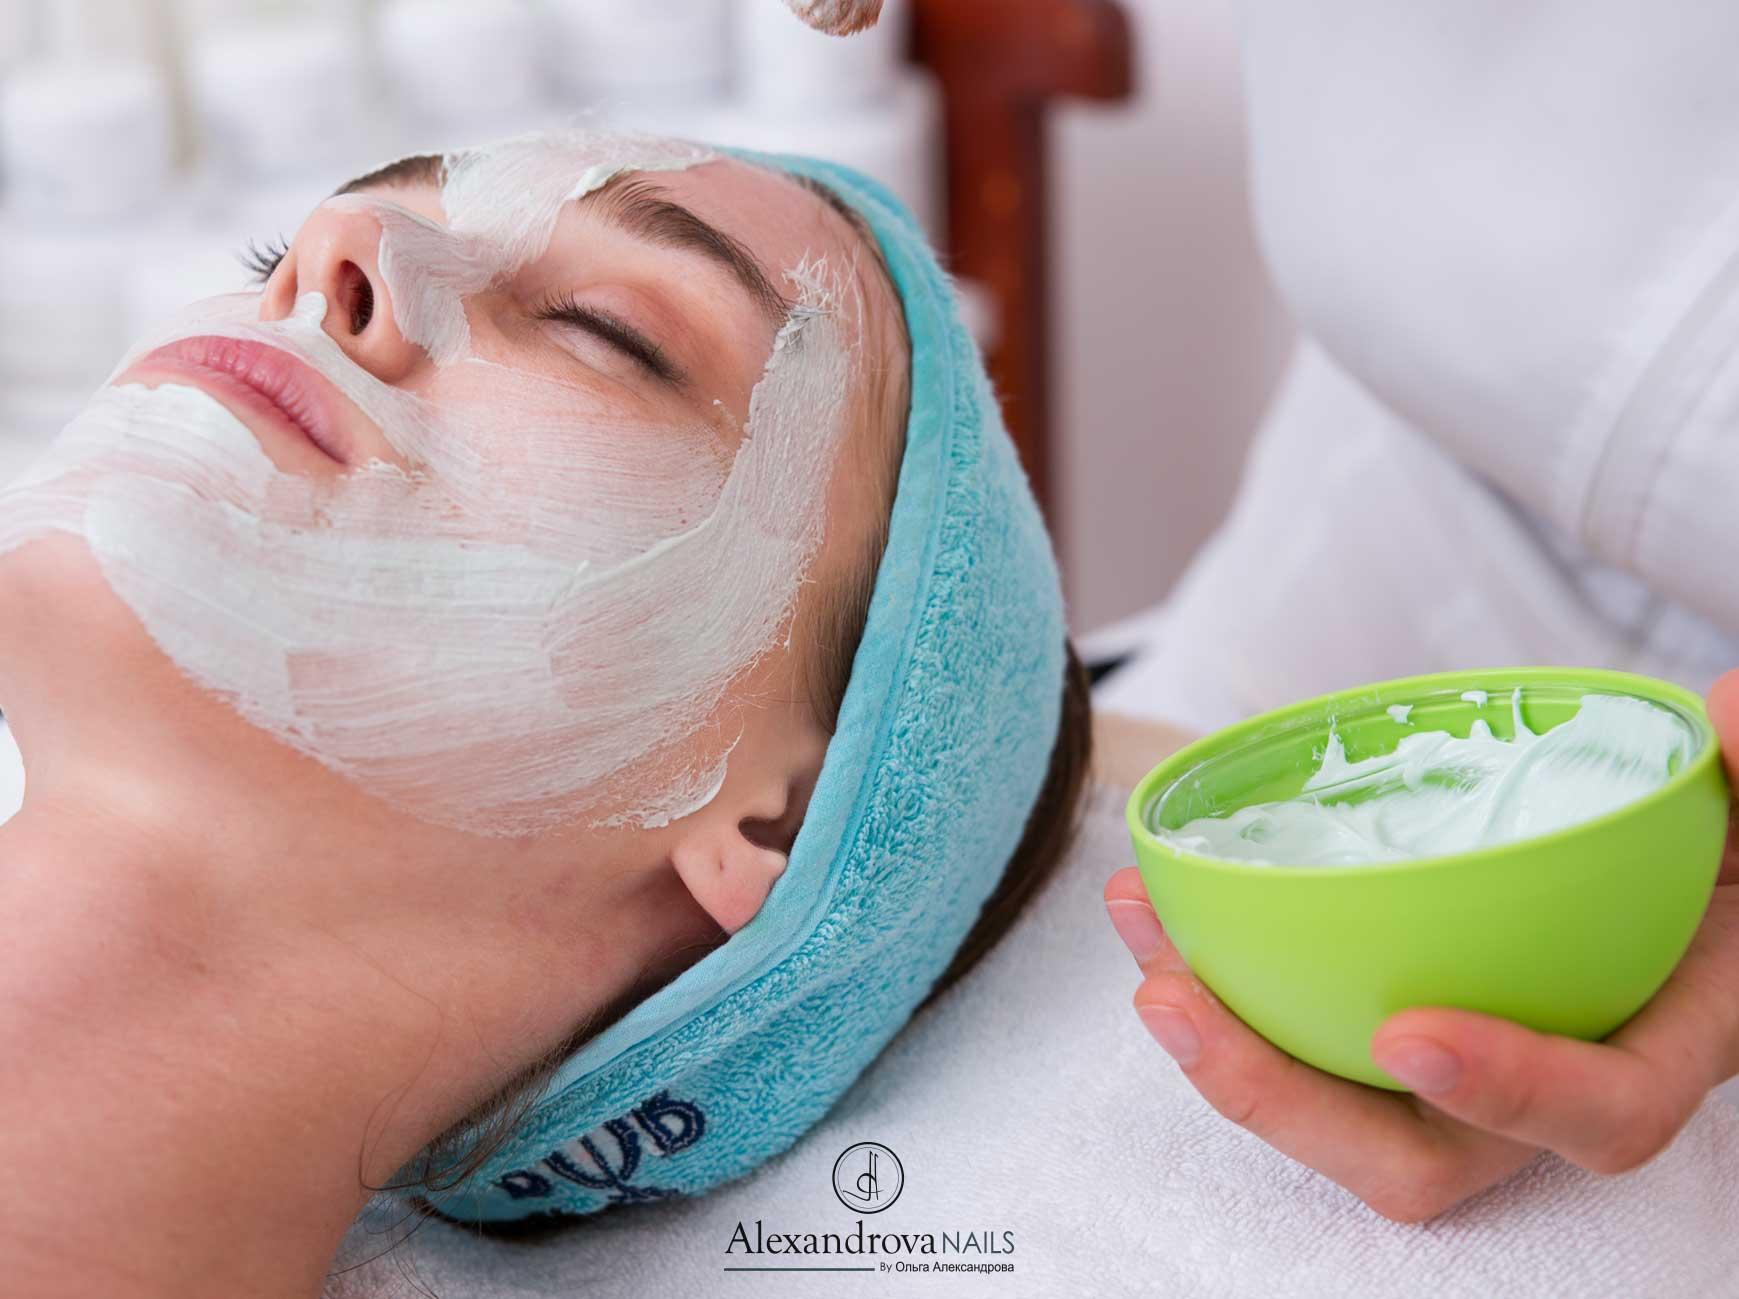 servicios de salón de belleza en Granada en Alexandrova Nails